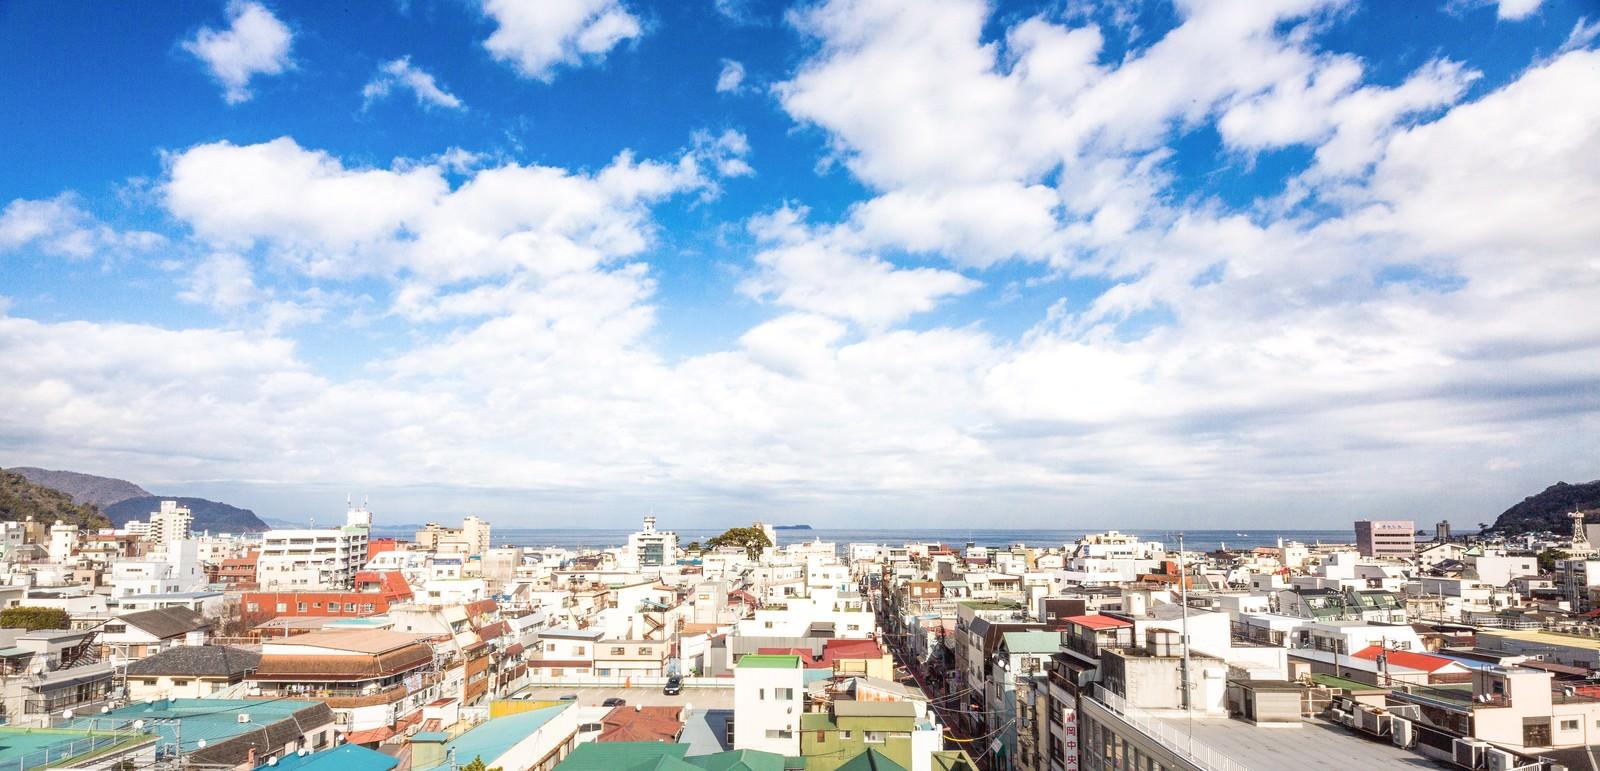 「伊東の海と街並み」の写真